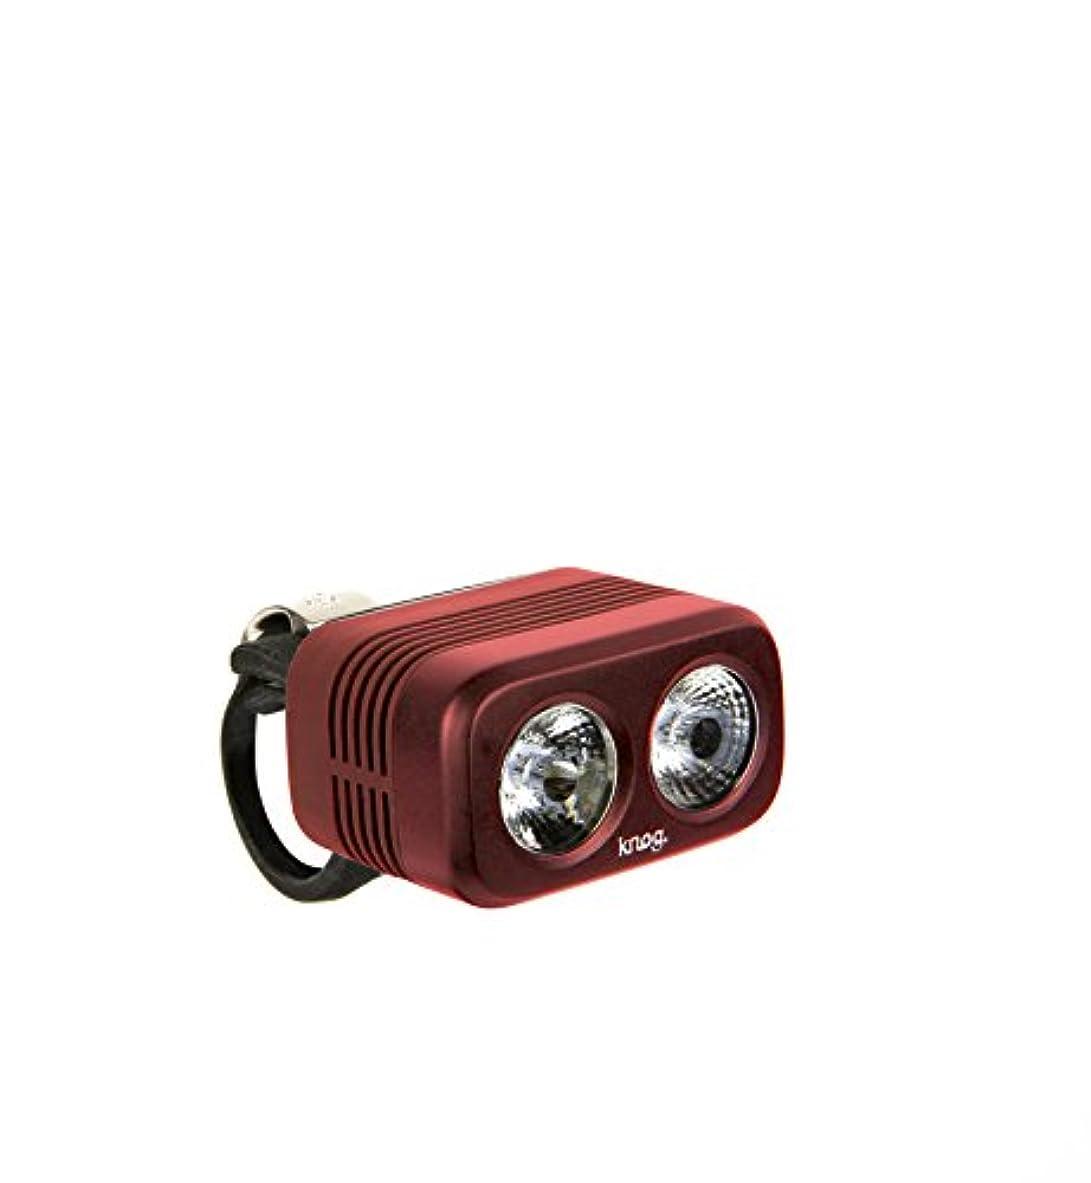 比喩リンク保険knog (ノグ) フロントライト BLINDER ROAD 400 (Ruby)